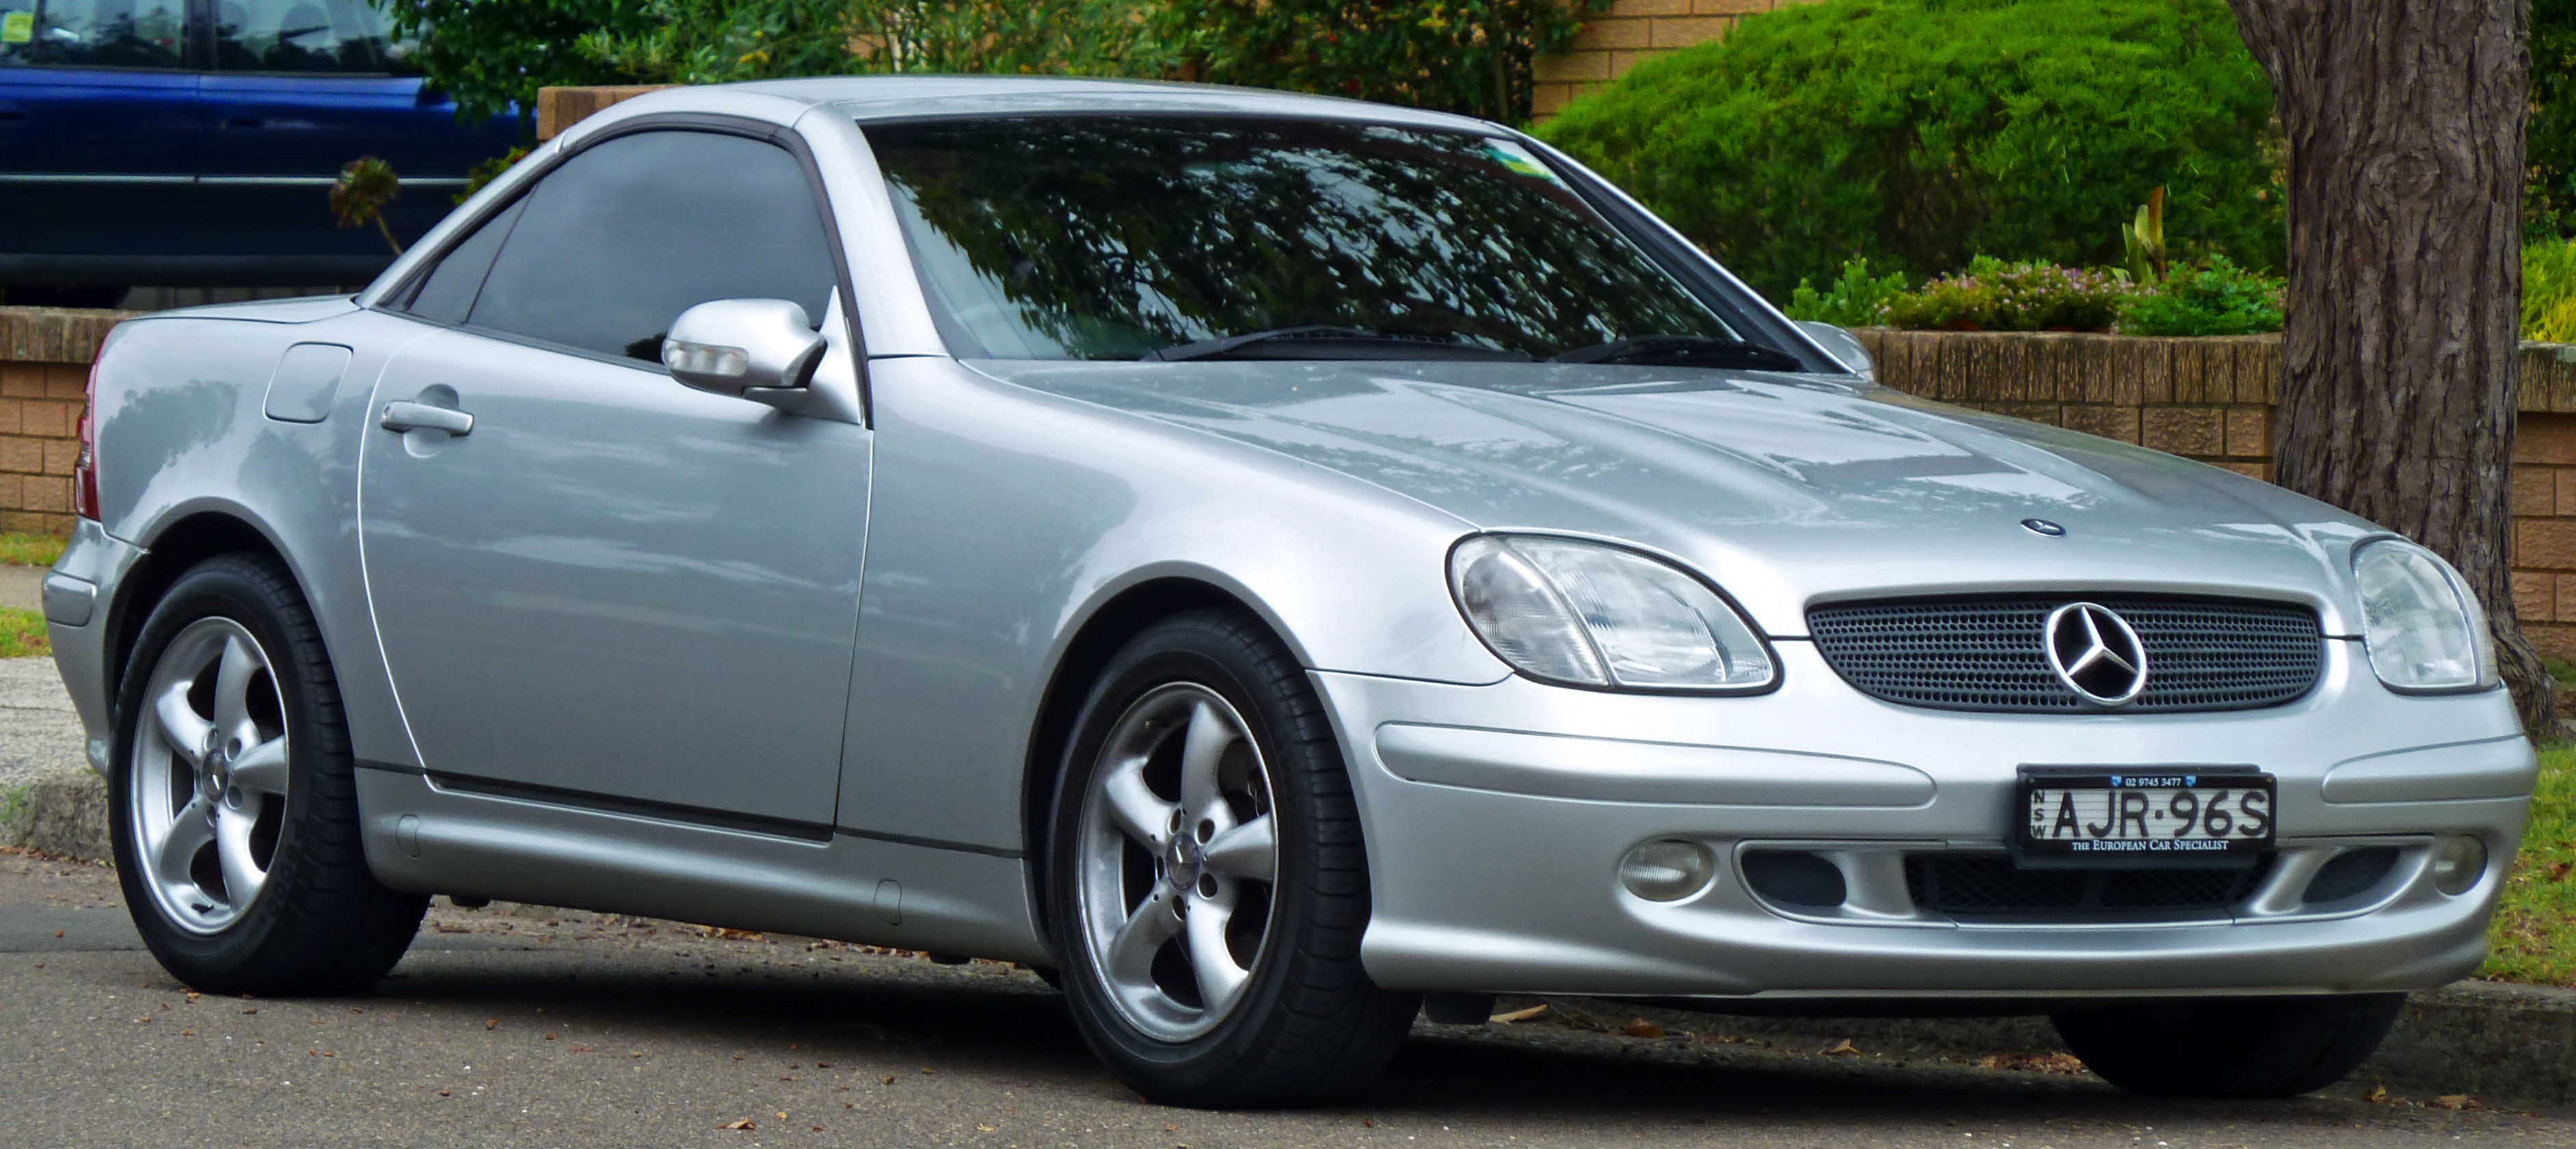 Mercedes-Benz SLK-klasse I (R170) 1996 - 2000 Roadster #4